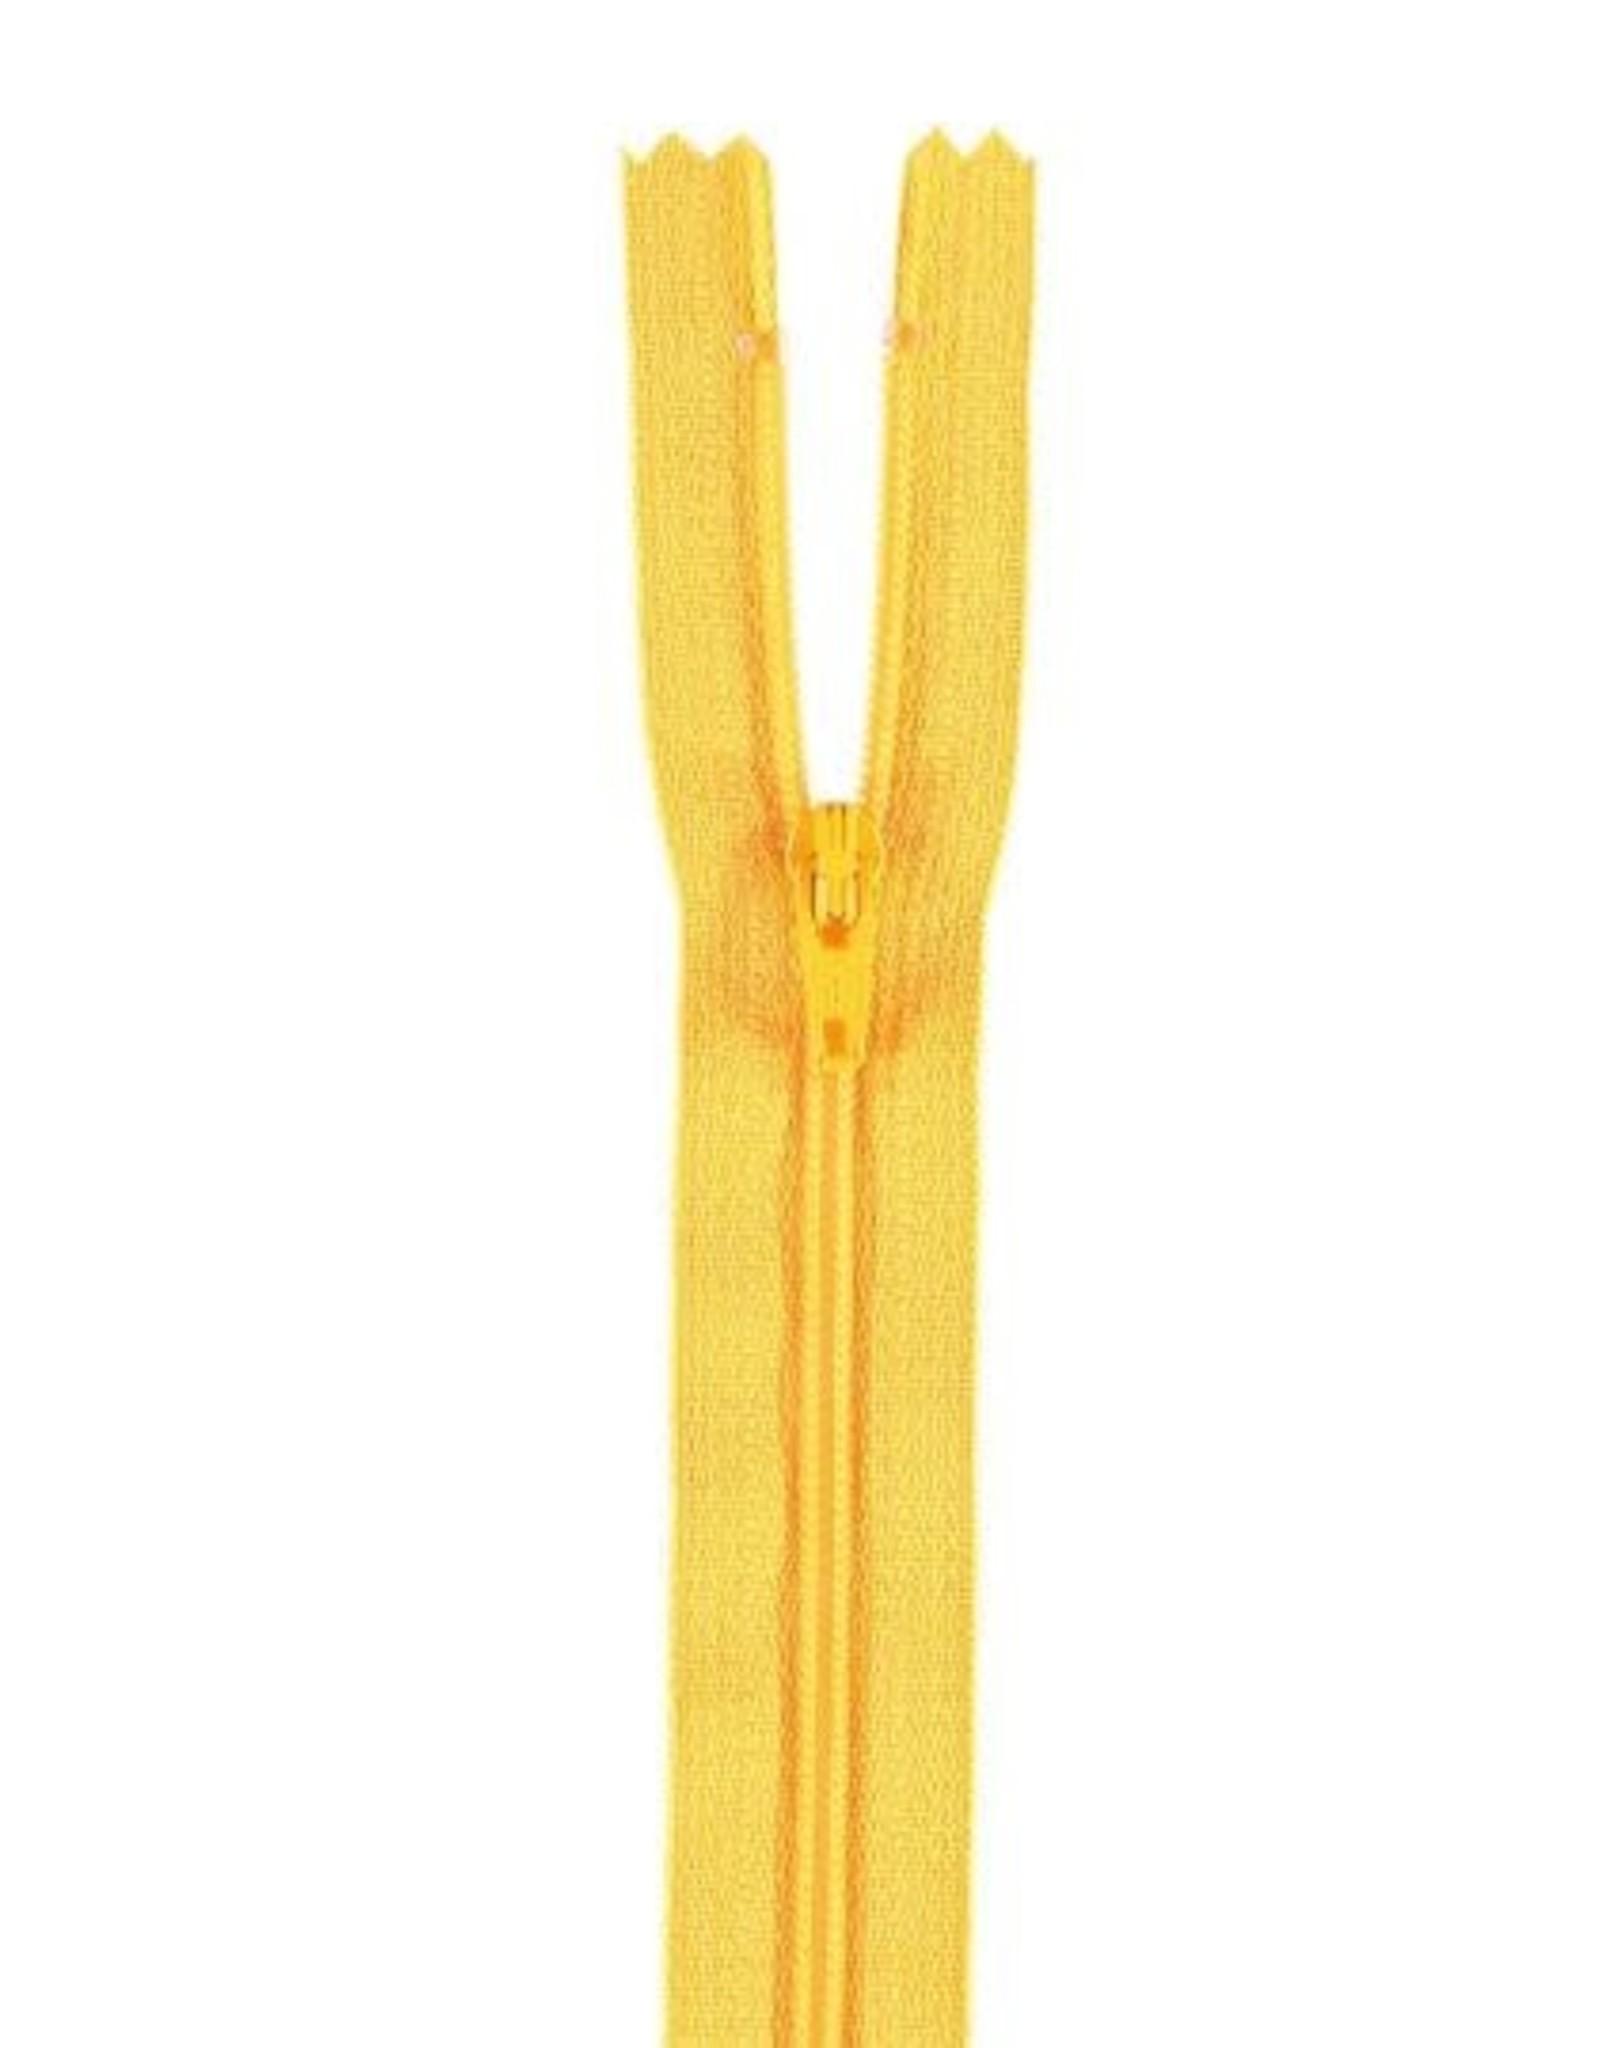 YKK Spiraalrits niet-DB 3mm geel 506-35cm